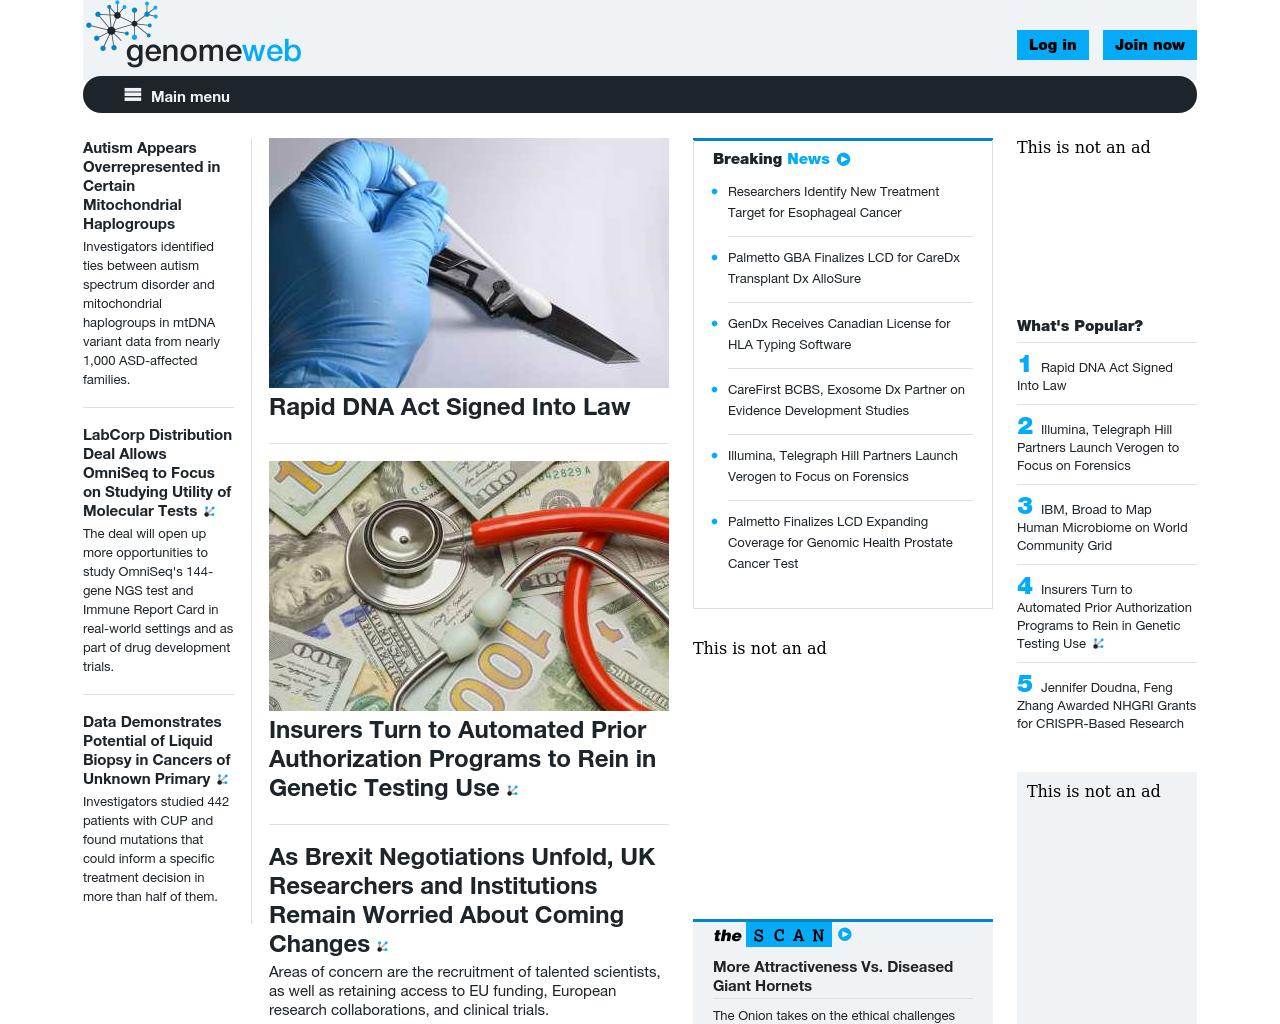 GenomeWeb-Advertising-Reviews-Pricing